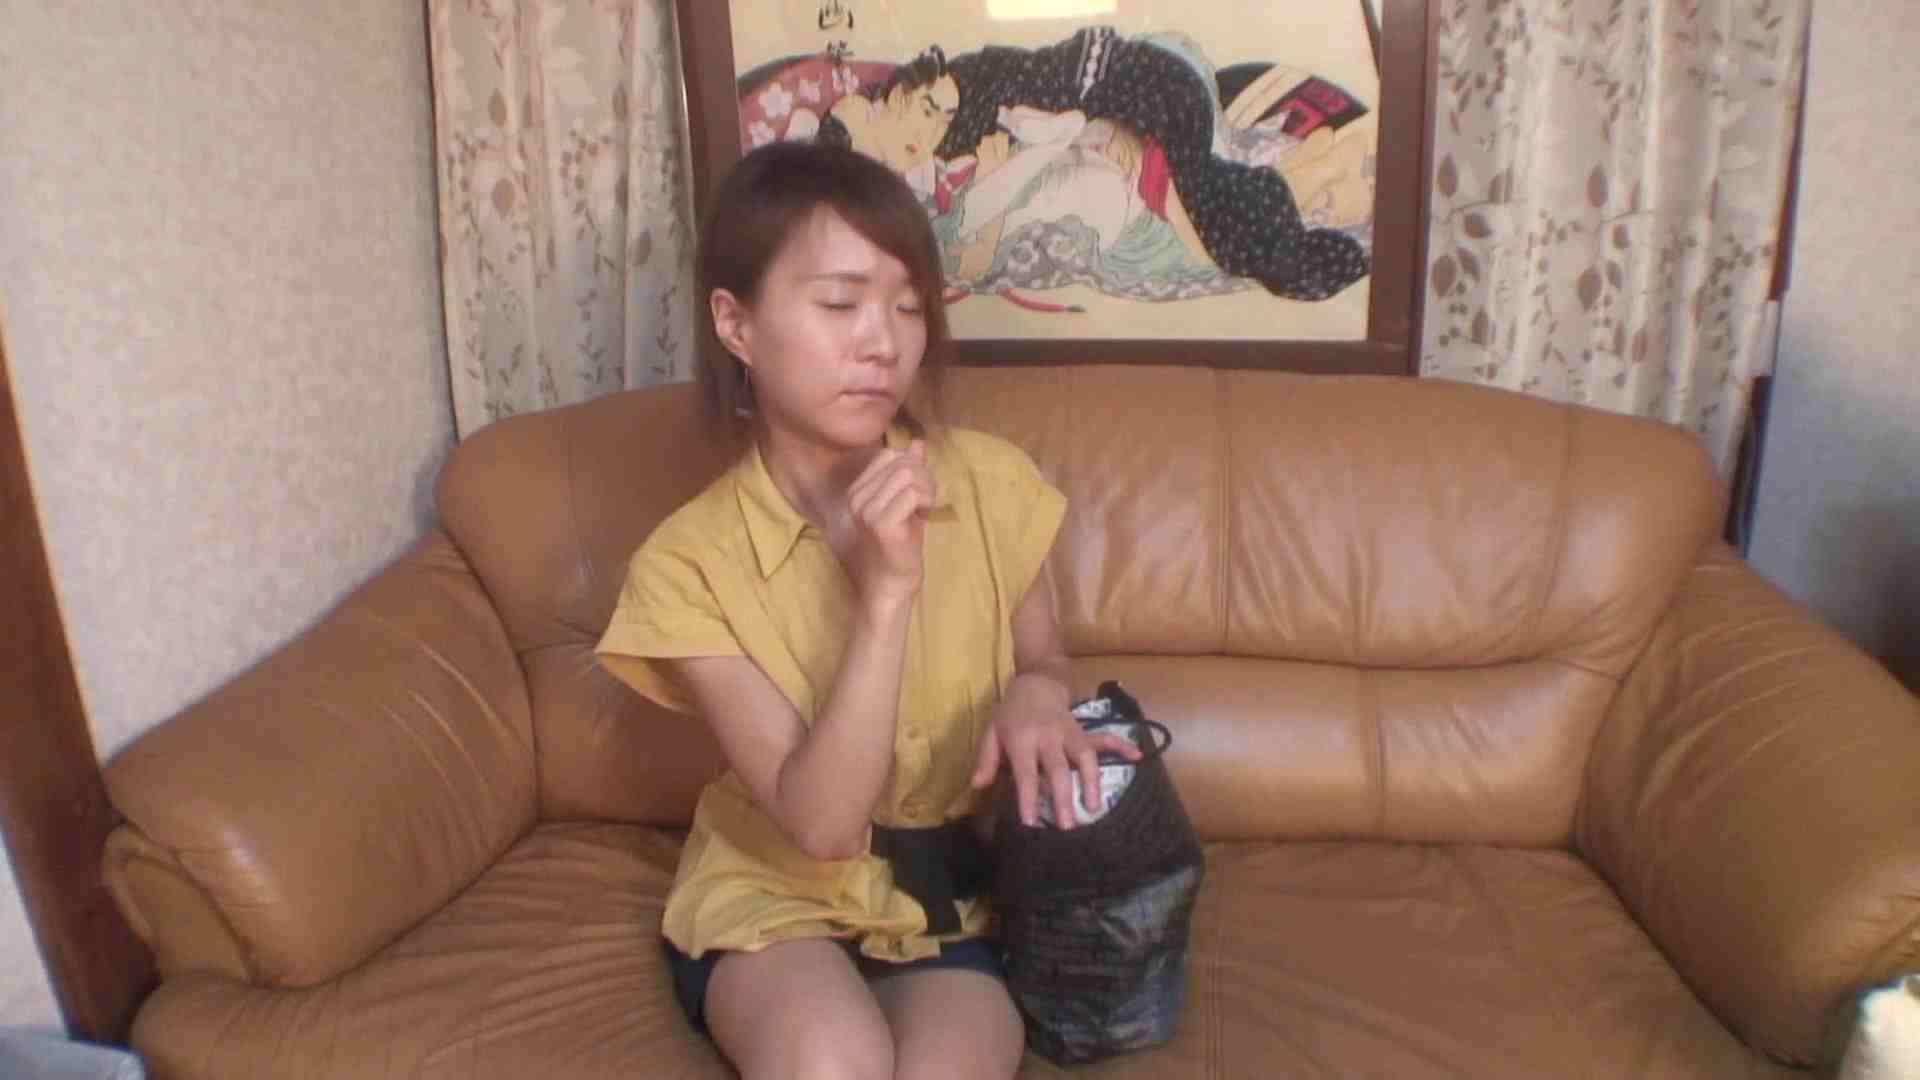 鬼才沖本監督作品 フェラしか出来ない女 フェラ のぞき動画キャプチャ 52枚